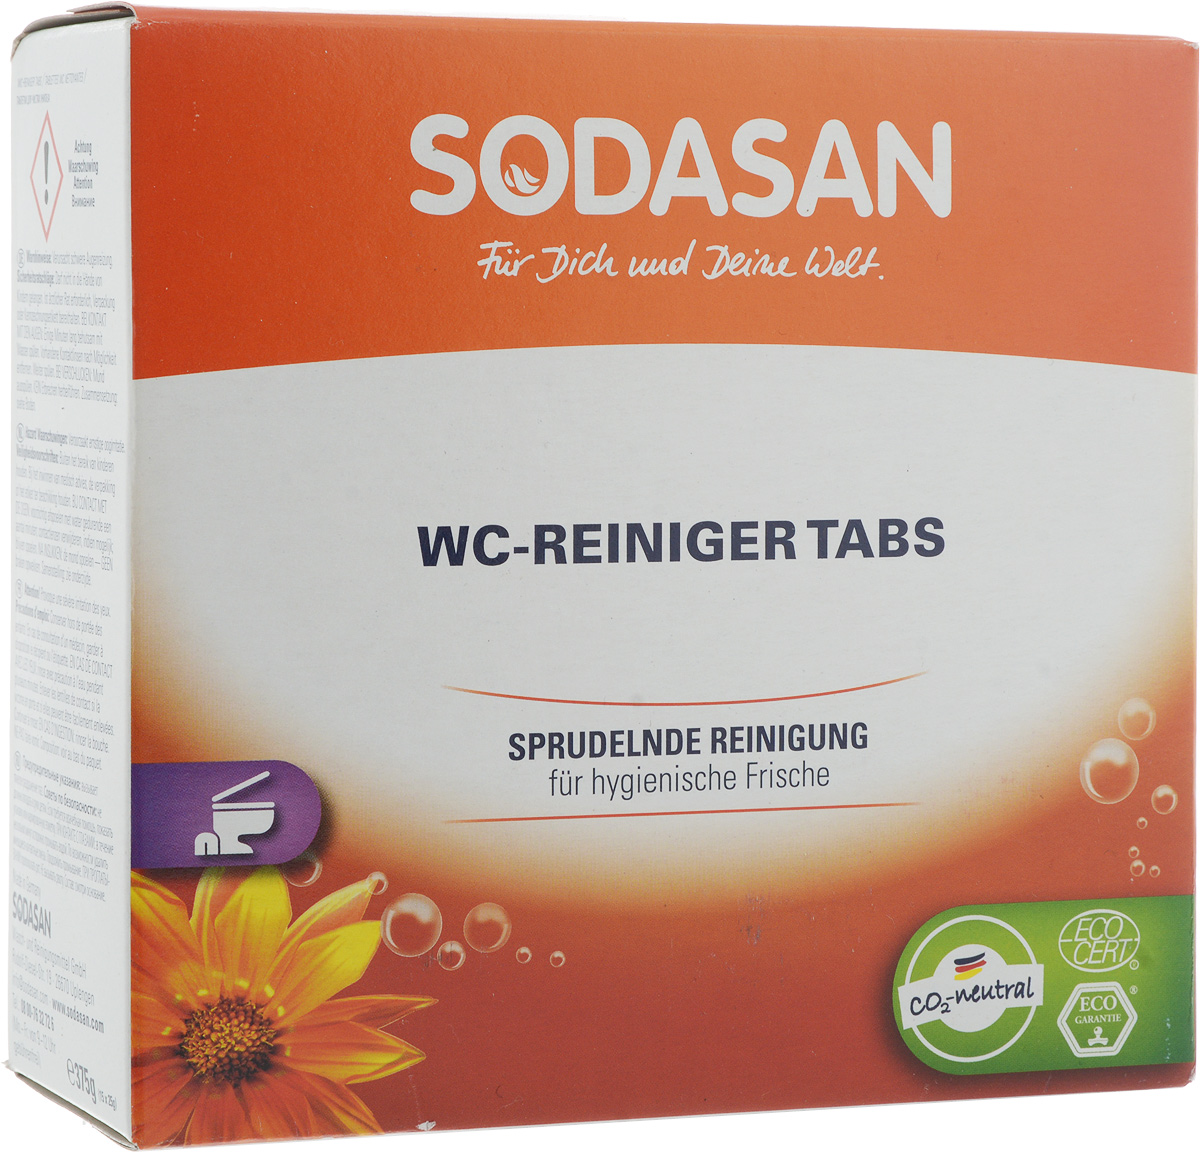 Таблетки для чистки унитаза Sodasan, 375 г2080_оранжевыйТаблетки для чистки унитаза Sodasan эффективно очищают поверхности унитаза, недоступные щетке. При регулярном использовании предотвращают образование известкового налета. Допускается использование в виде раствора для ручной чистки щеткой. Состав: >30% лимонная кислота, 5-15% карбонаты натрия, Товар сертифицирован.